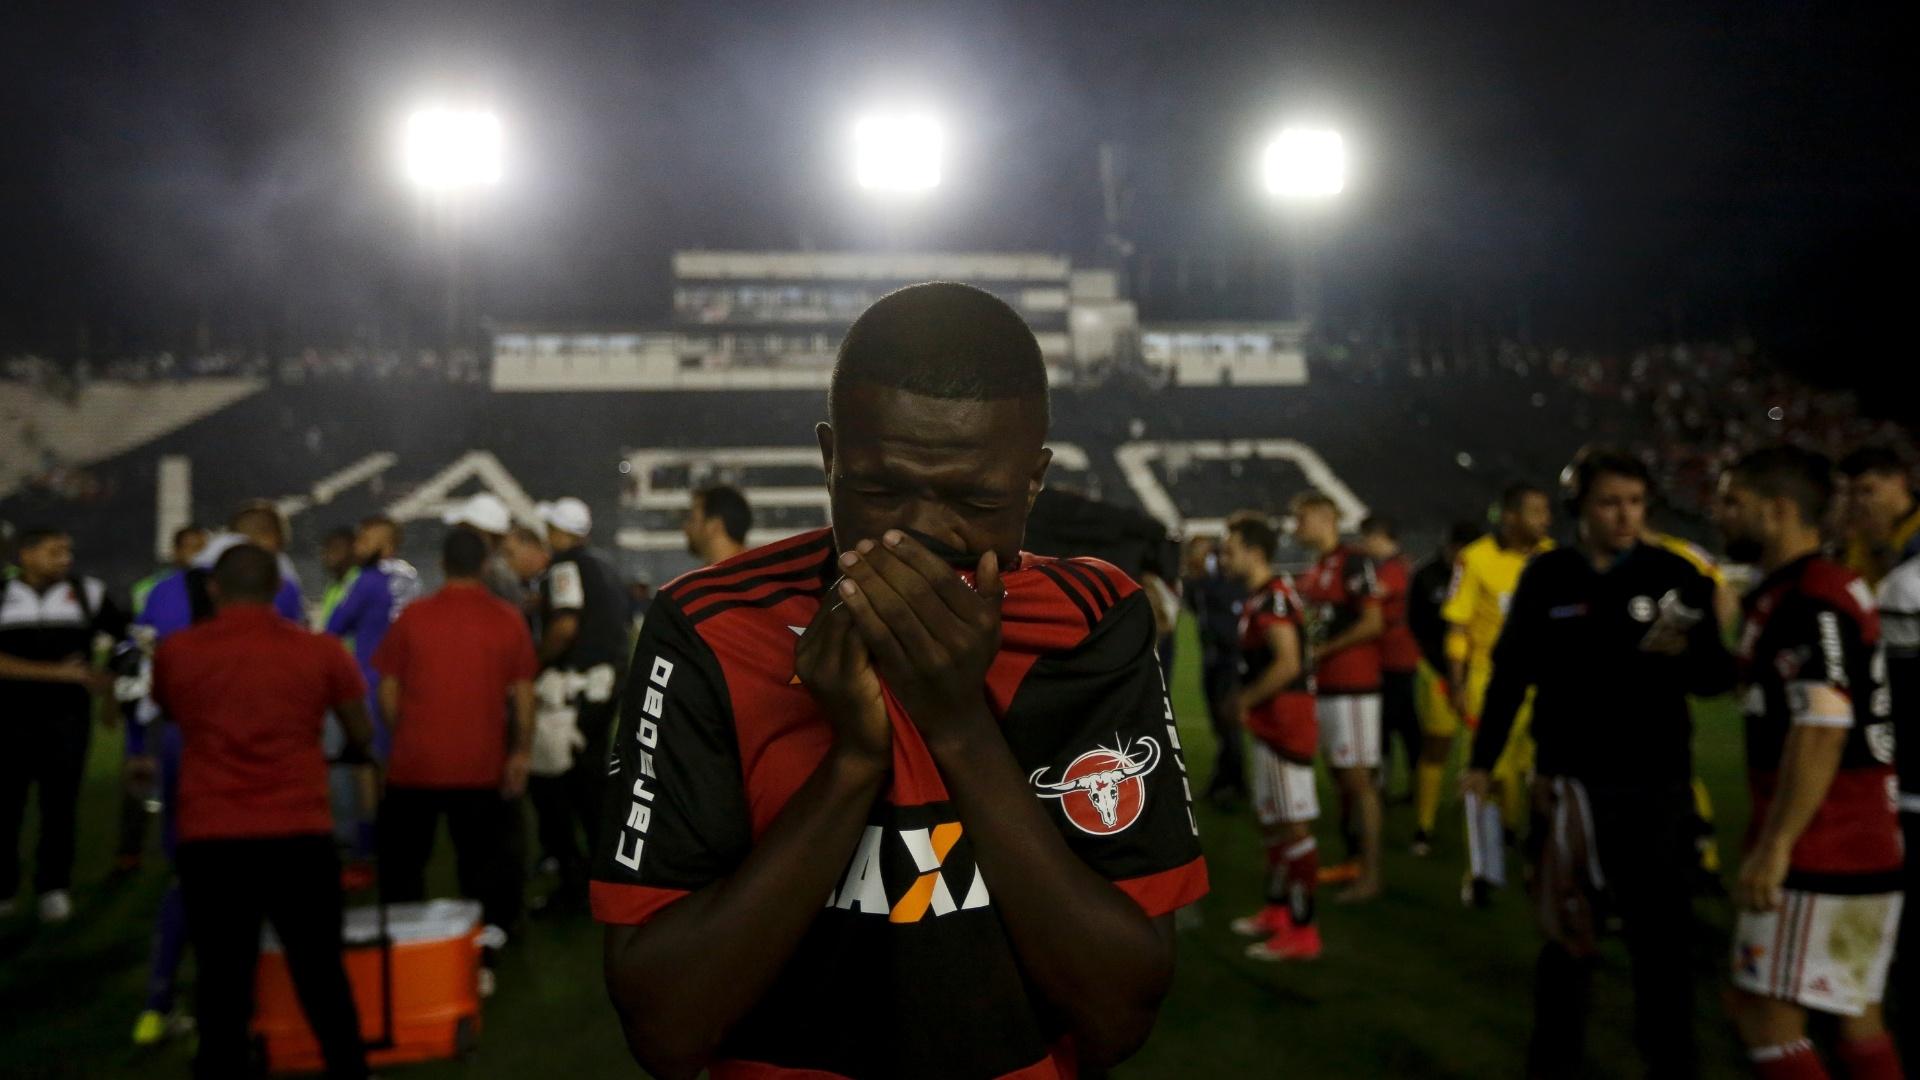 Vinicius Jr. se protege durante a confusão no duelo Vasco x Flamengo em São Januário